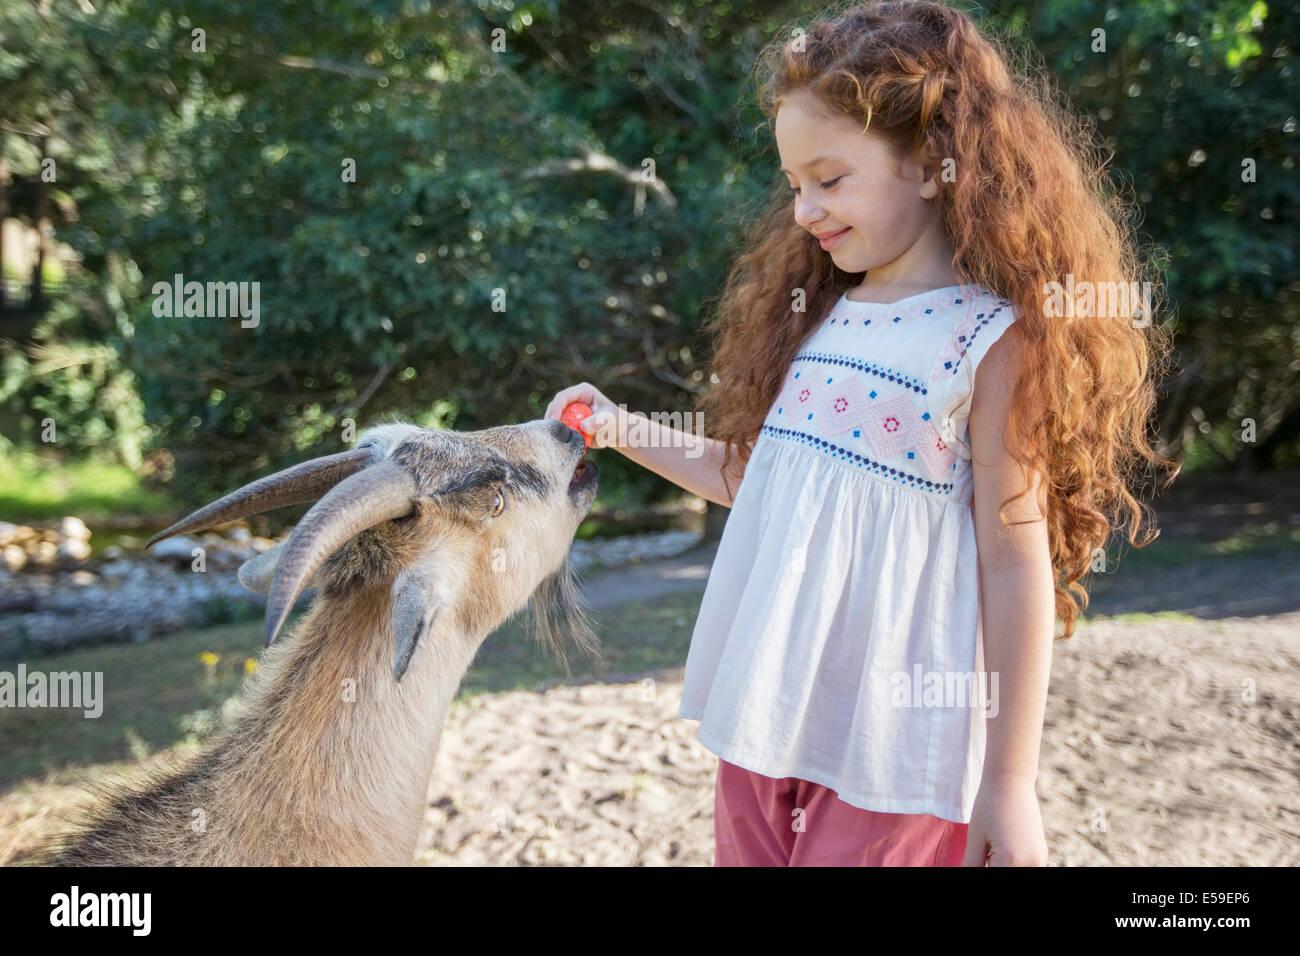 Chica La alimentación de animales en el bosque Imagen De Stock